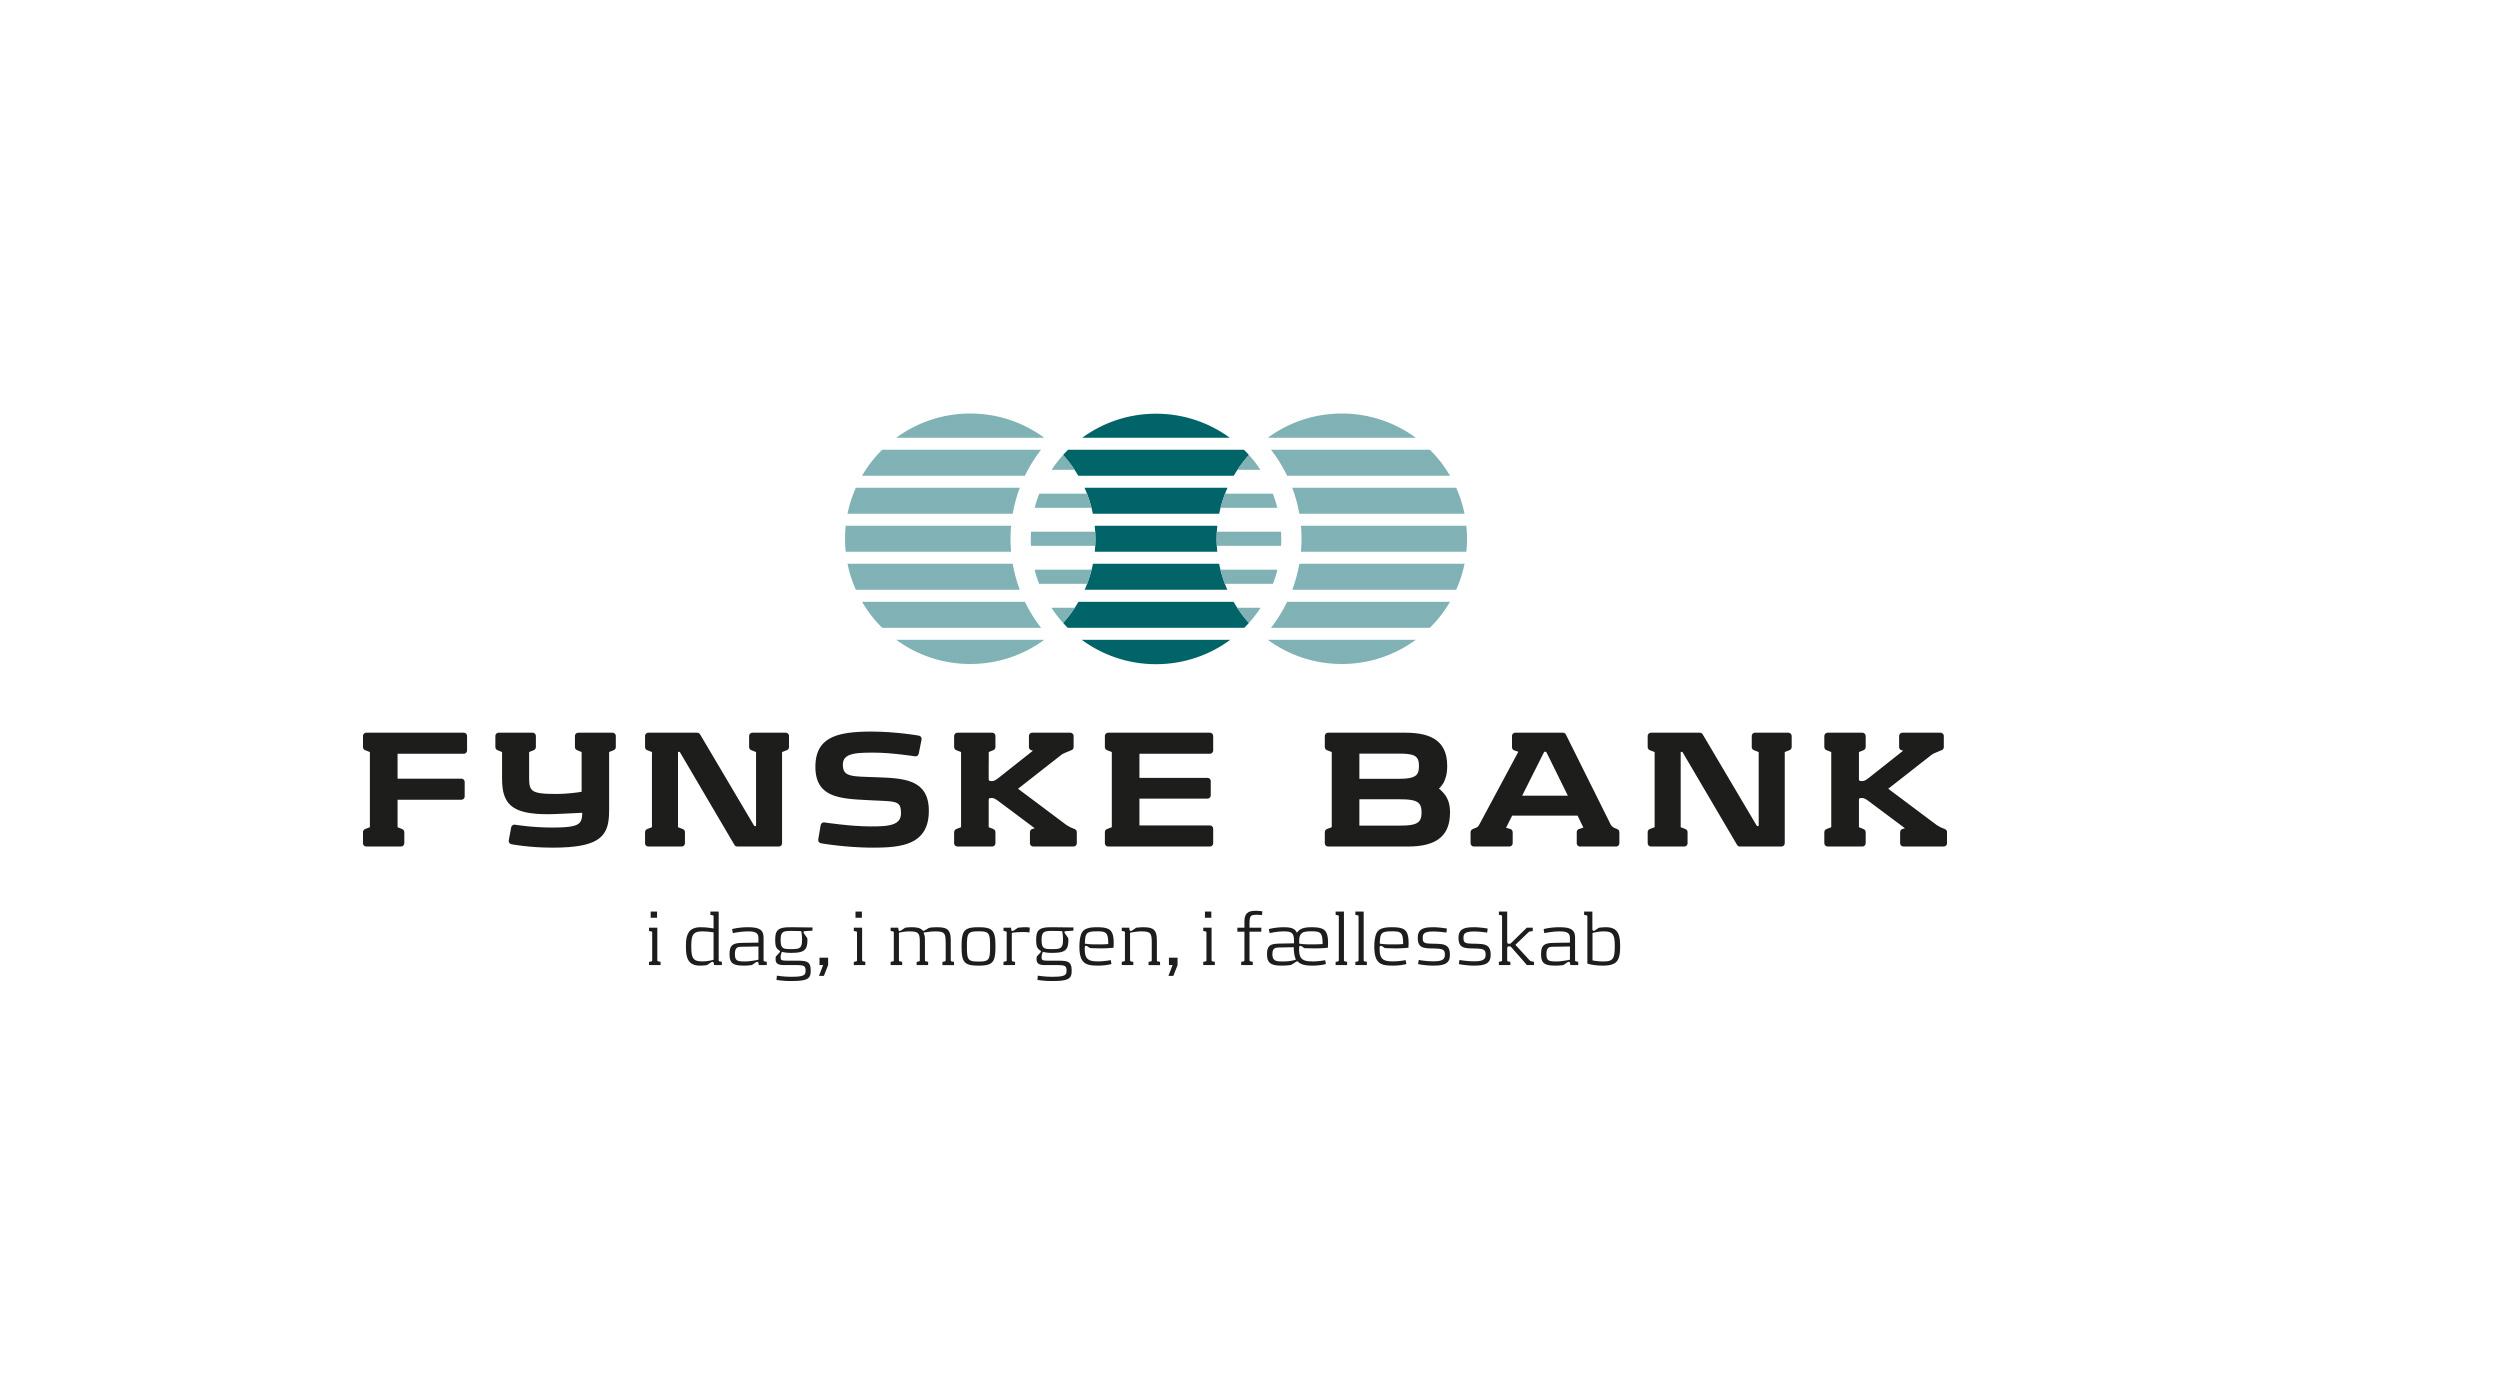 fynske_bank_logo